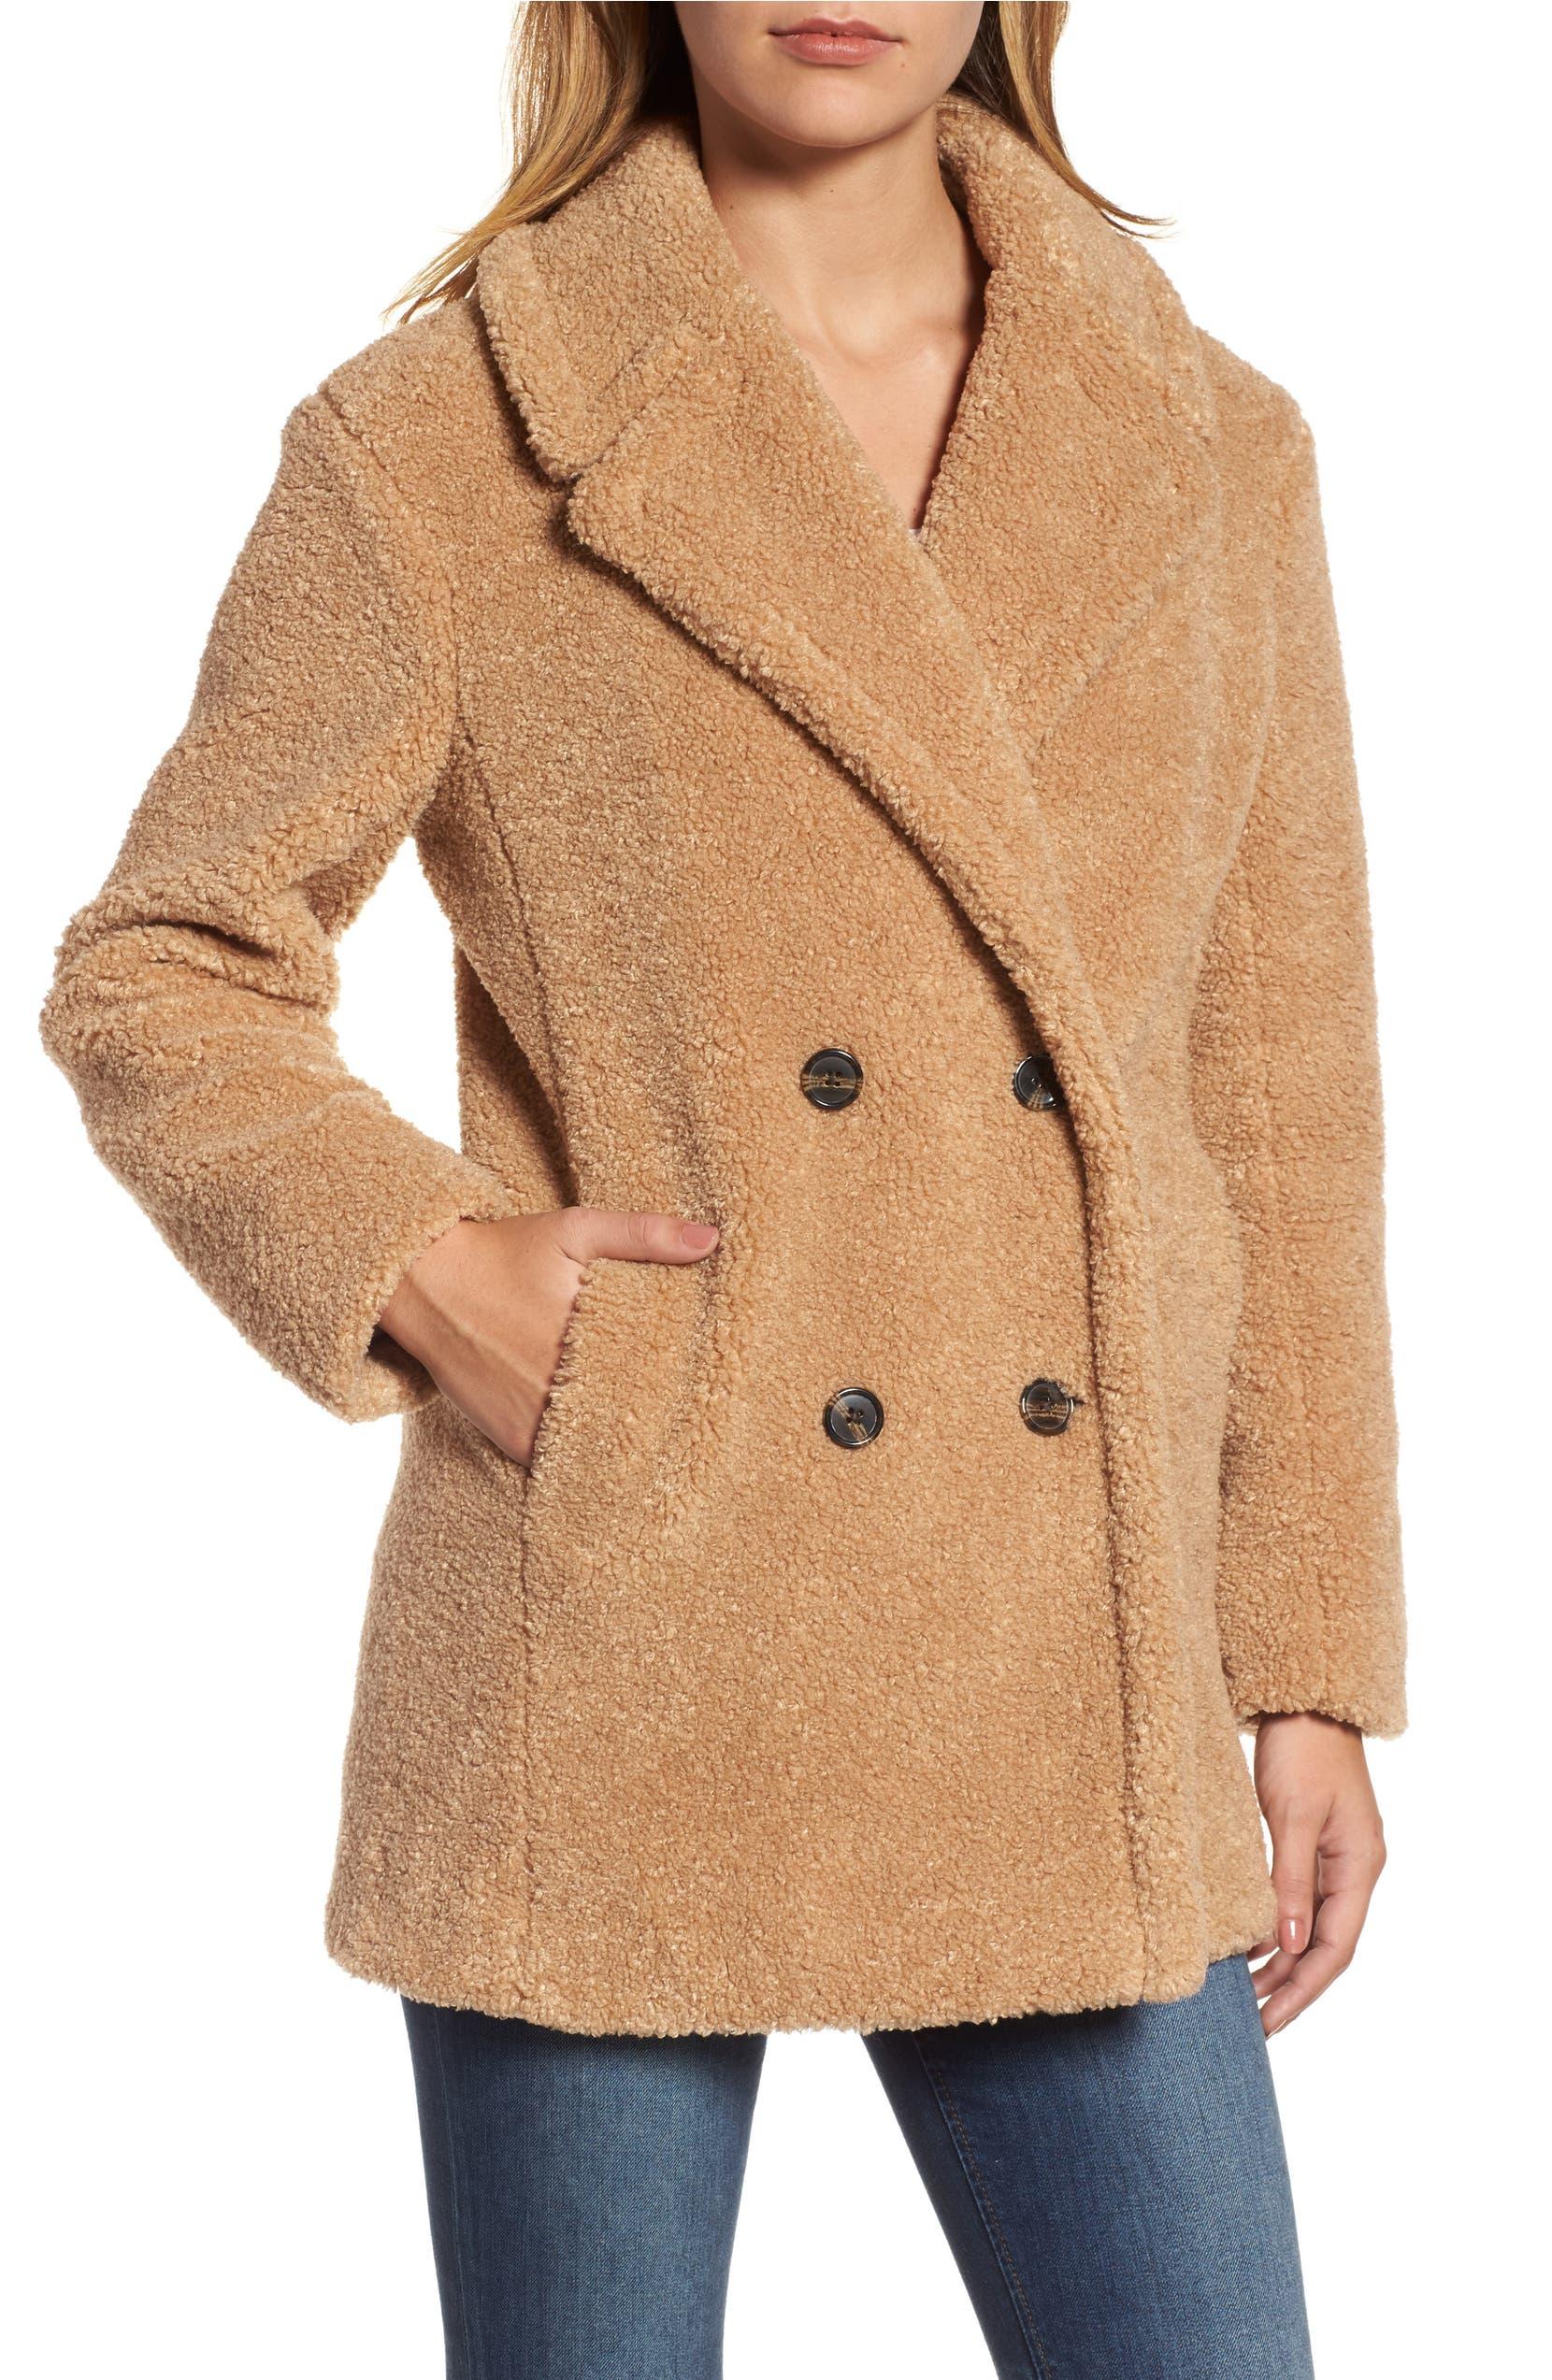 5dcb7181854 kensie Teddy Bear Notch Collar Faux Fur Coat